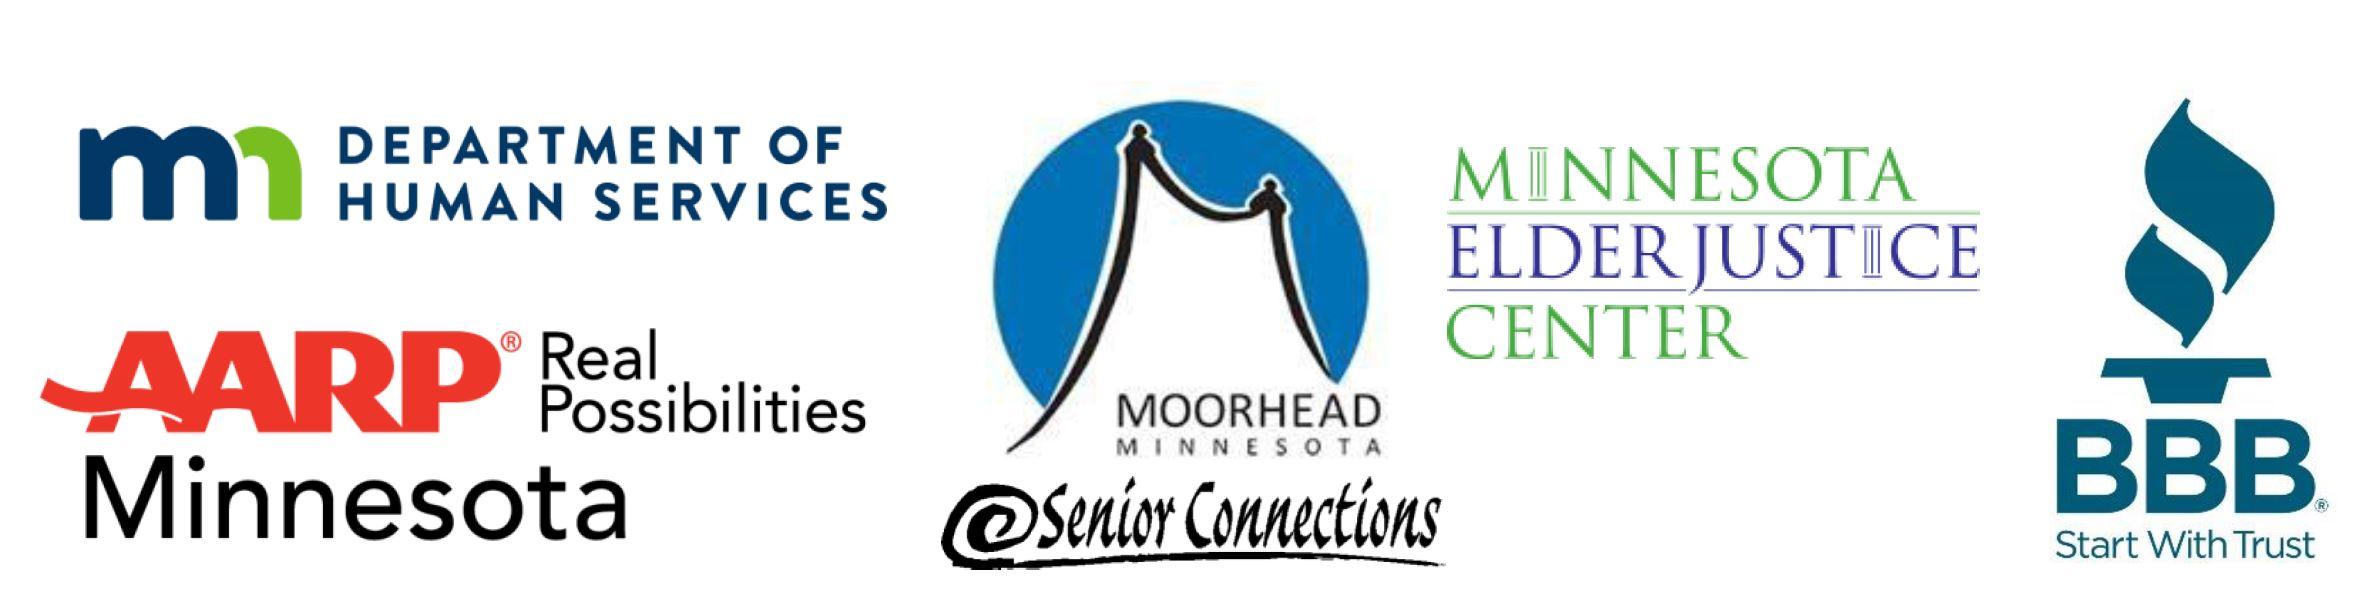 Moorhead logos2